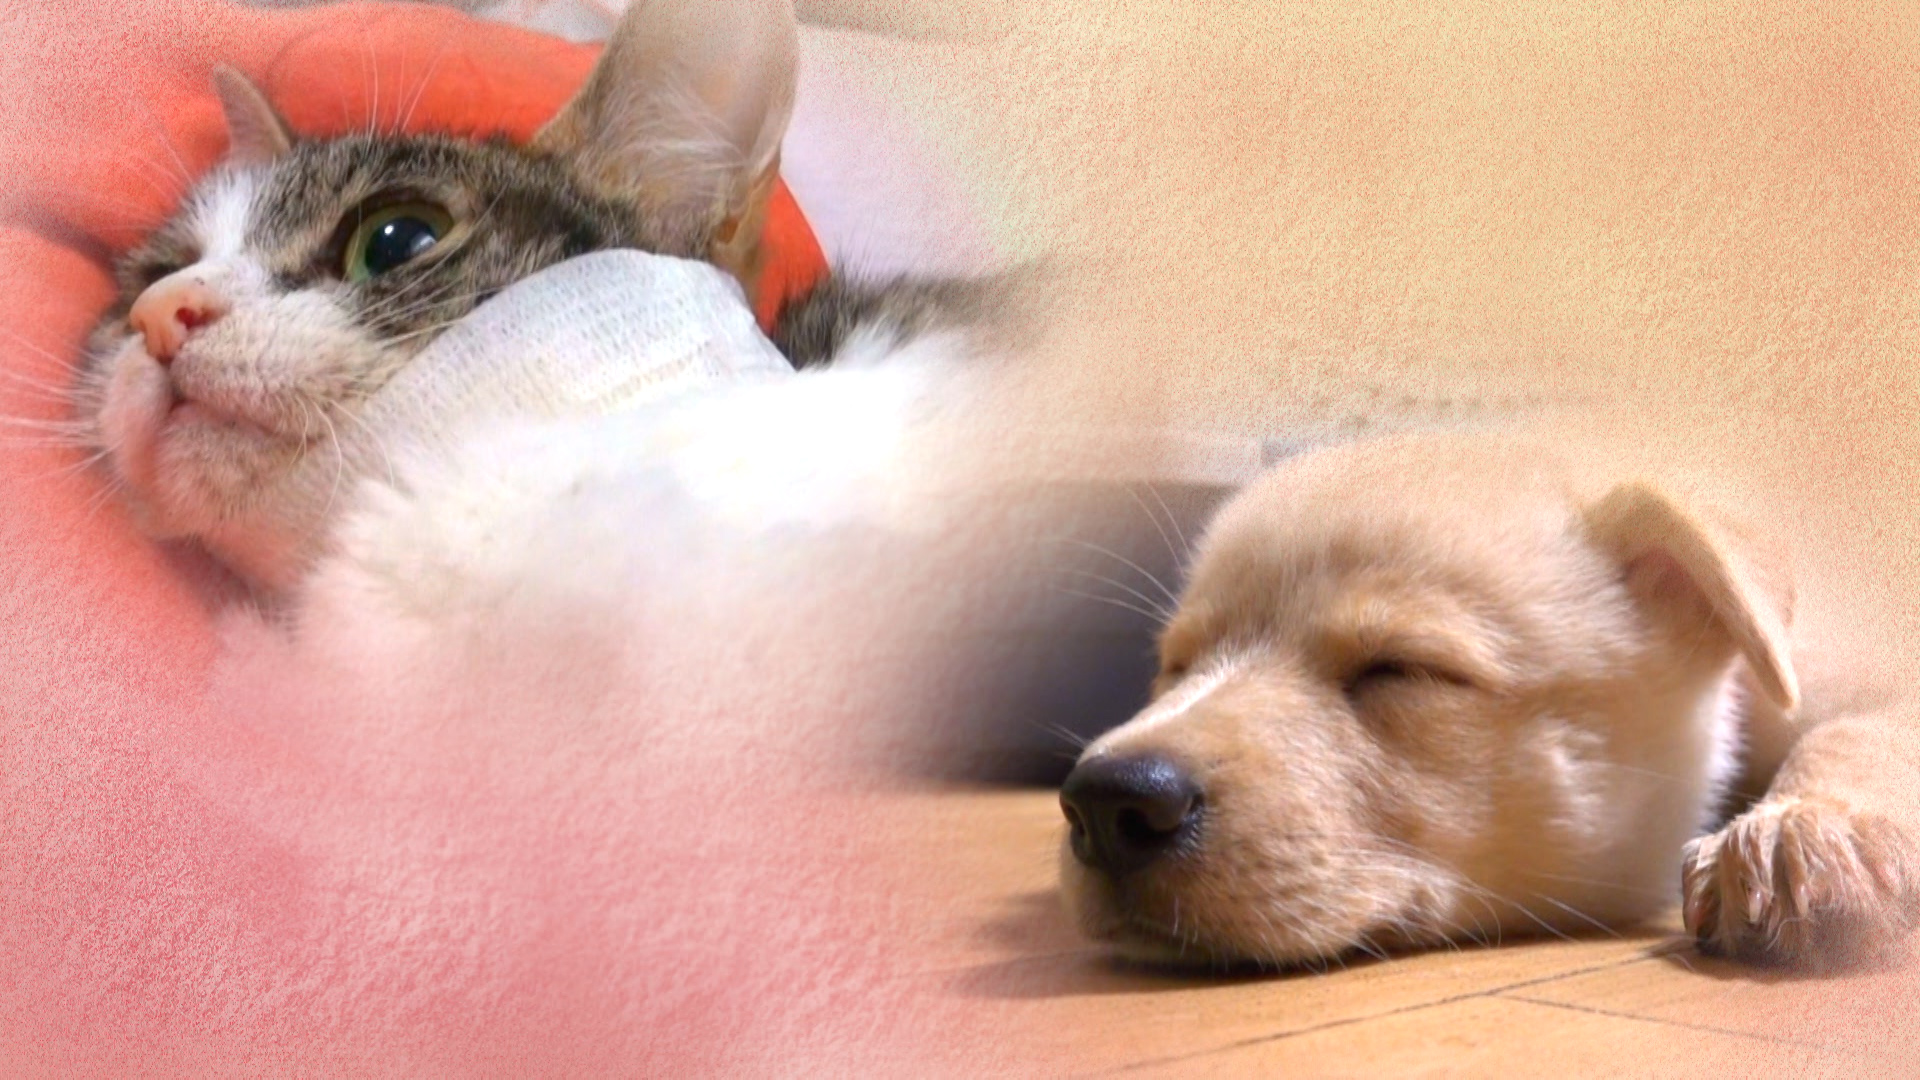 ねこ育て いぬ育て▽わんぱく犬に家族が傷だらけ▽子猫・命の記録▽SNS人気猫